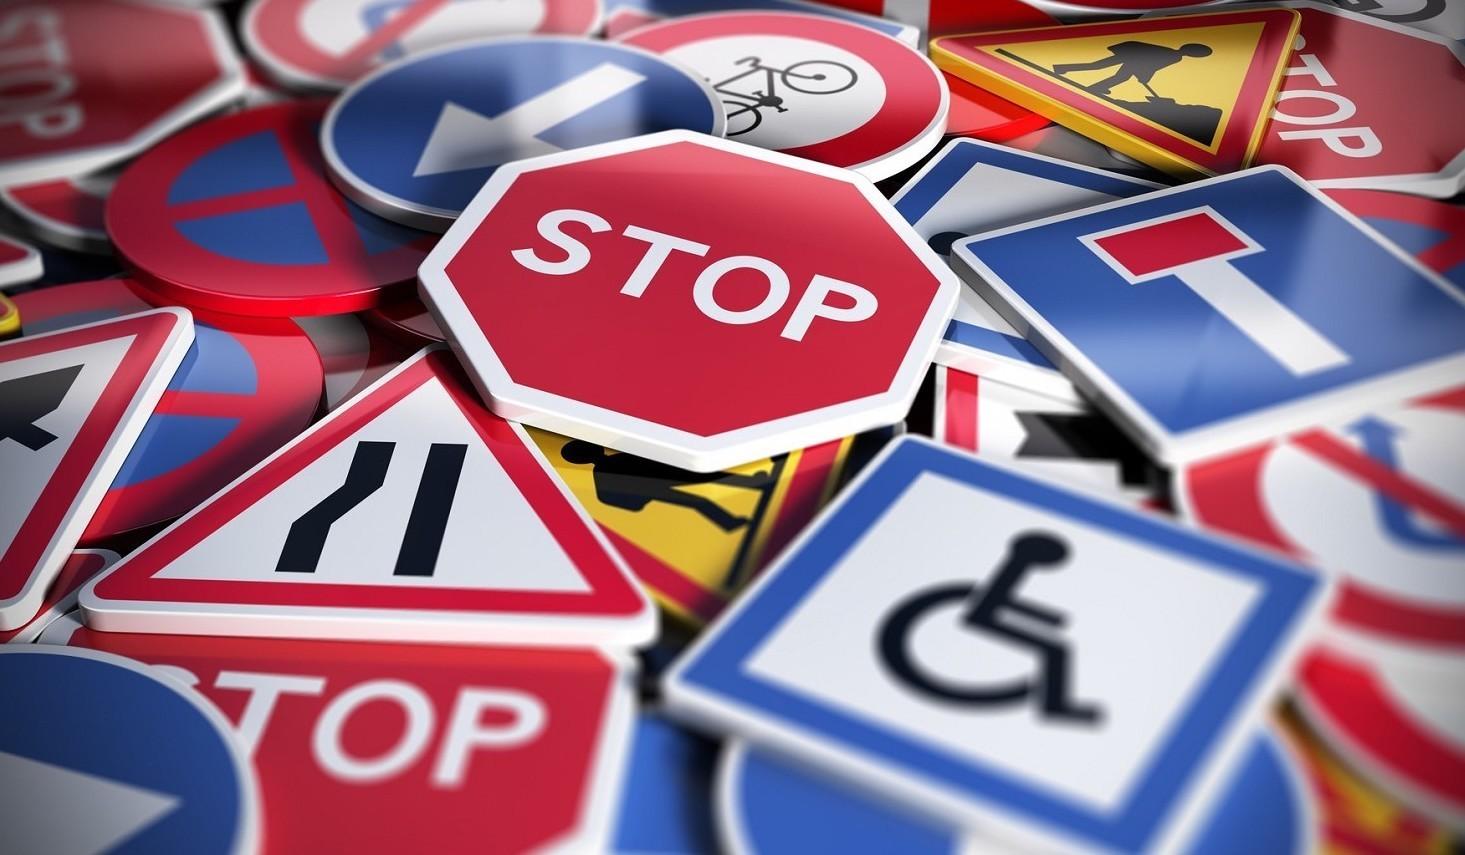 Codice della strada: guida a parcheggio, rotonde, ciclisti